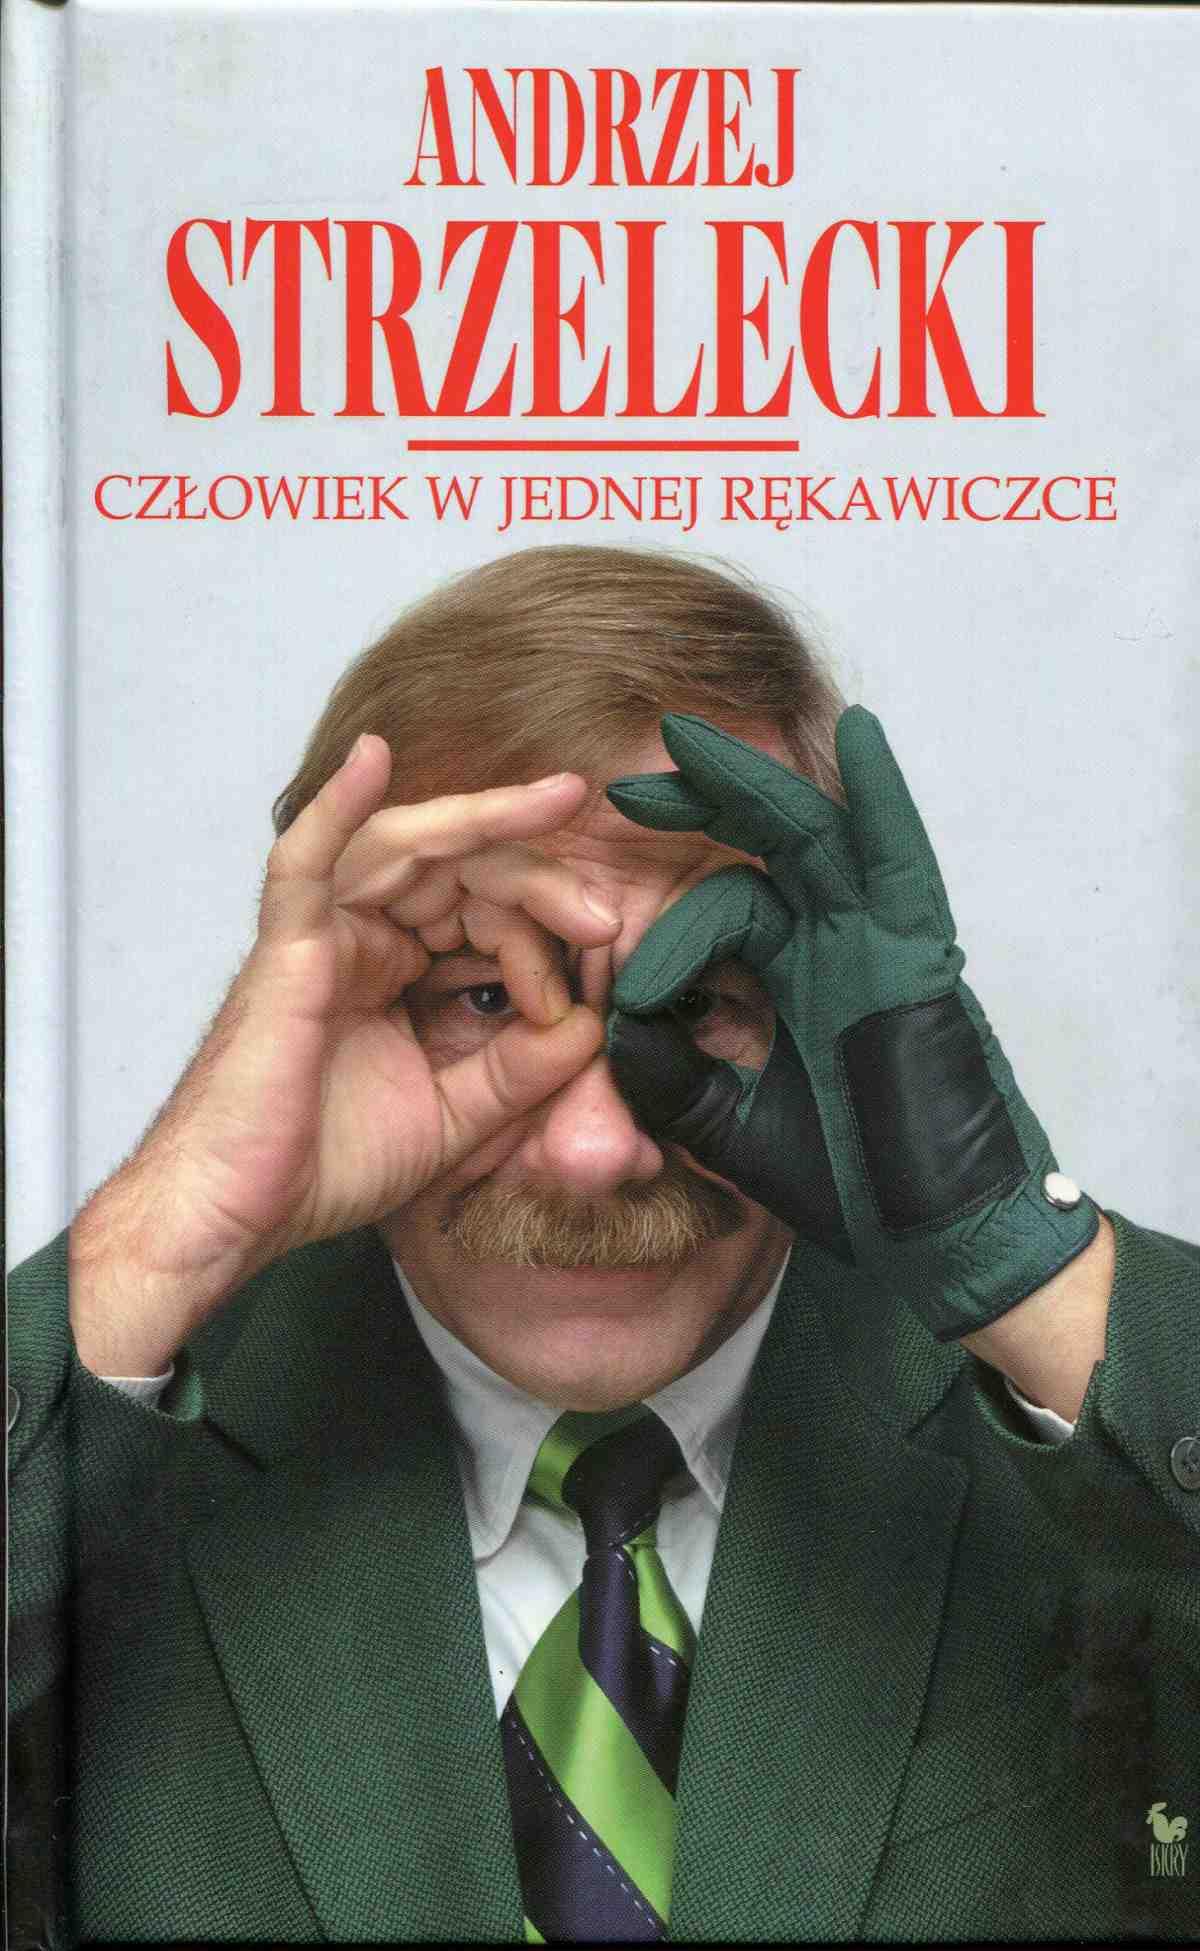 Człowiek w jednej rękawiczce - Ebook (Książka na Kindle) do pobrania w formacie MOBI